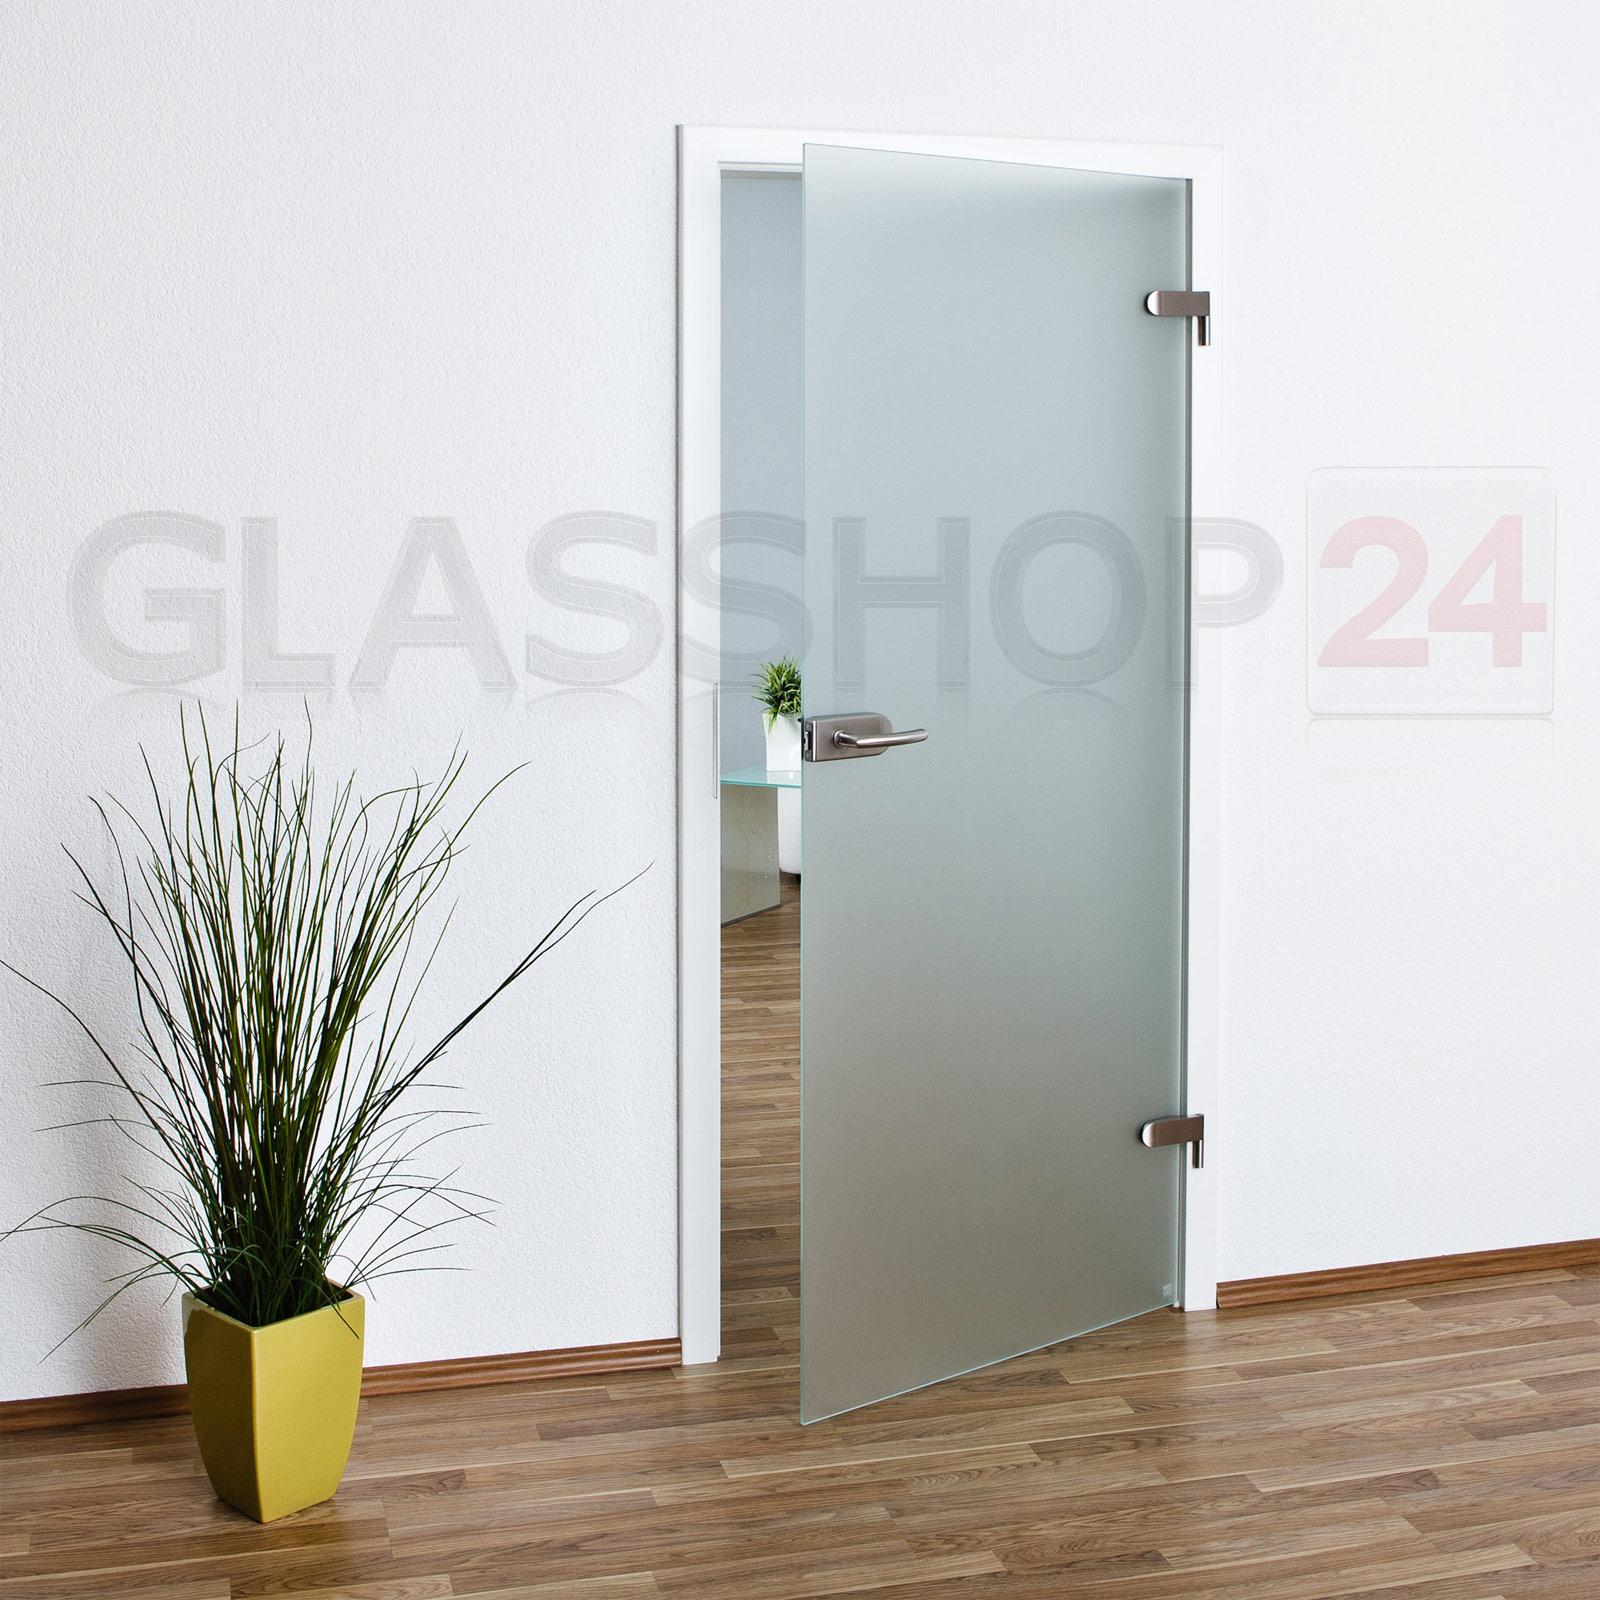 Zimmertüren glas  Glastür 70,9 oder 83,4cm Ganzglastür Glastüren Tür Türen Zimmertür ...